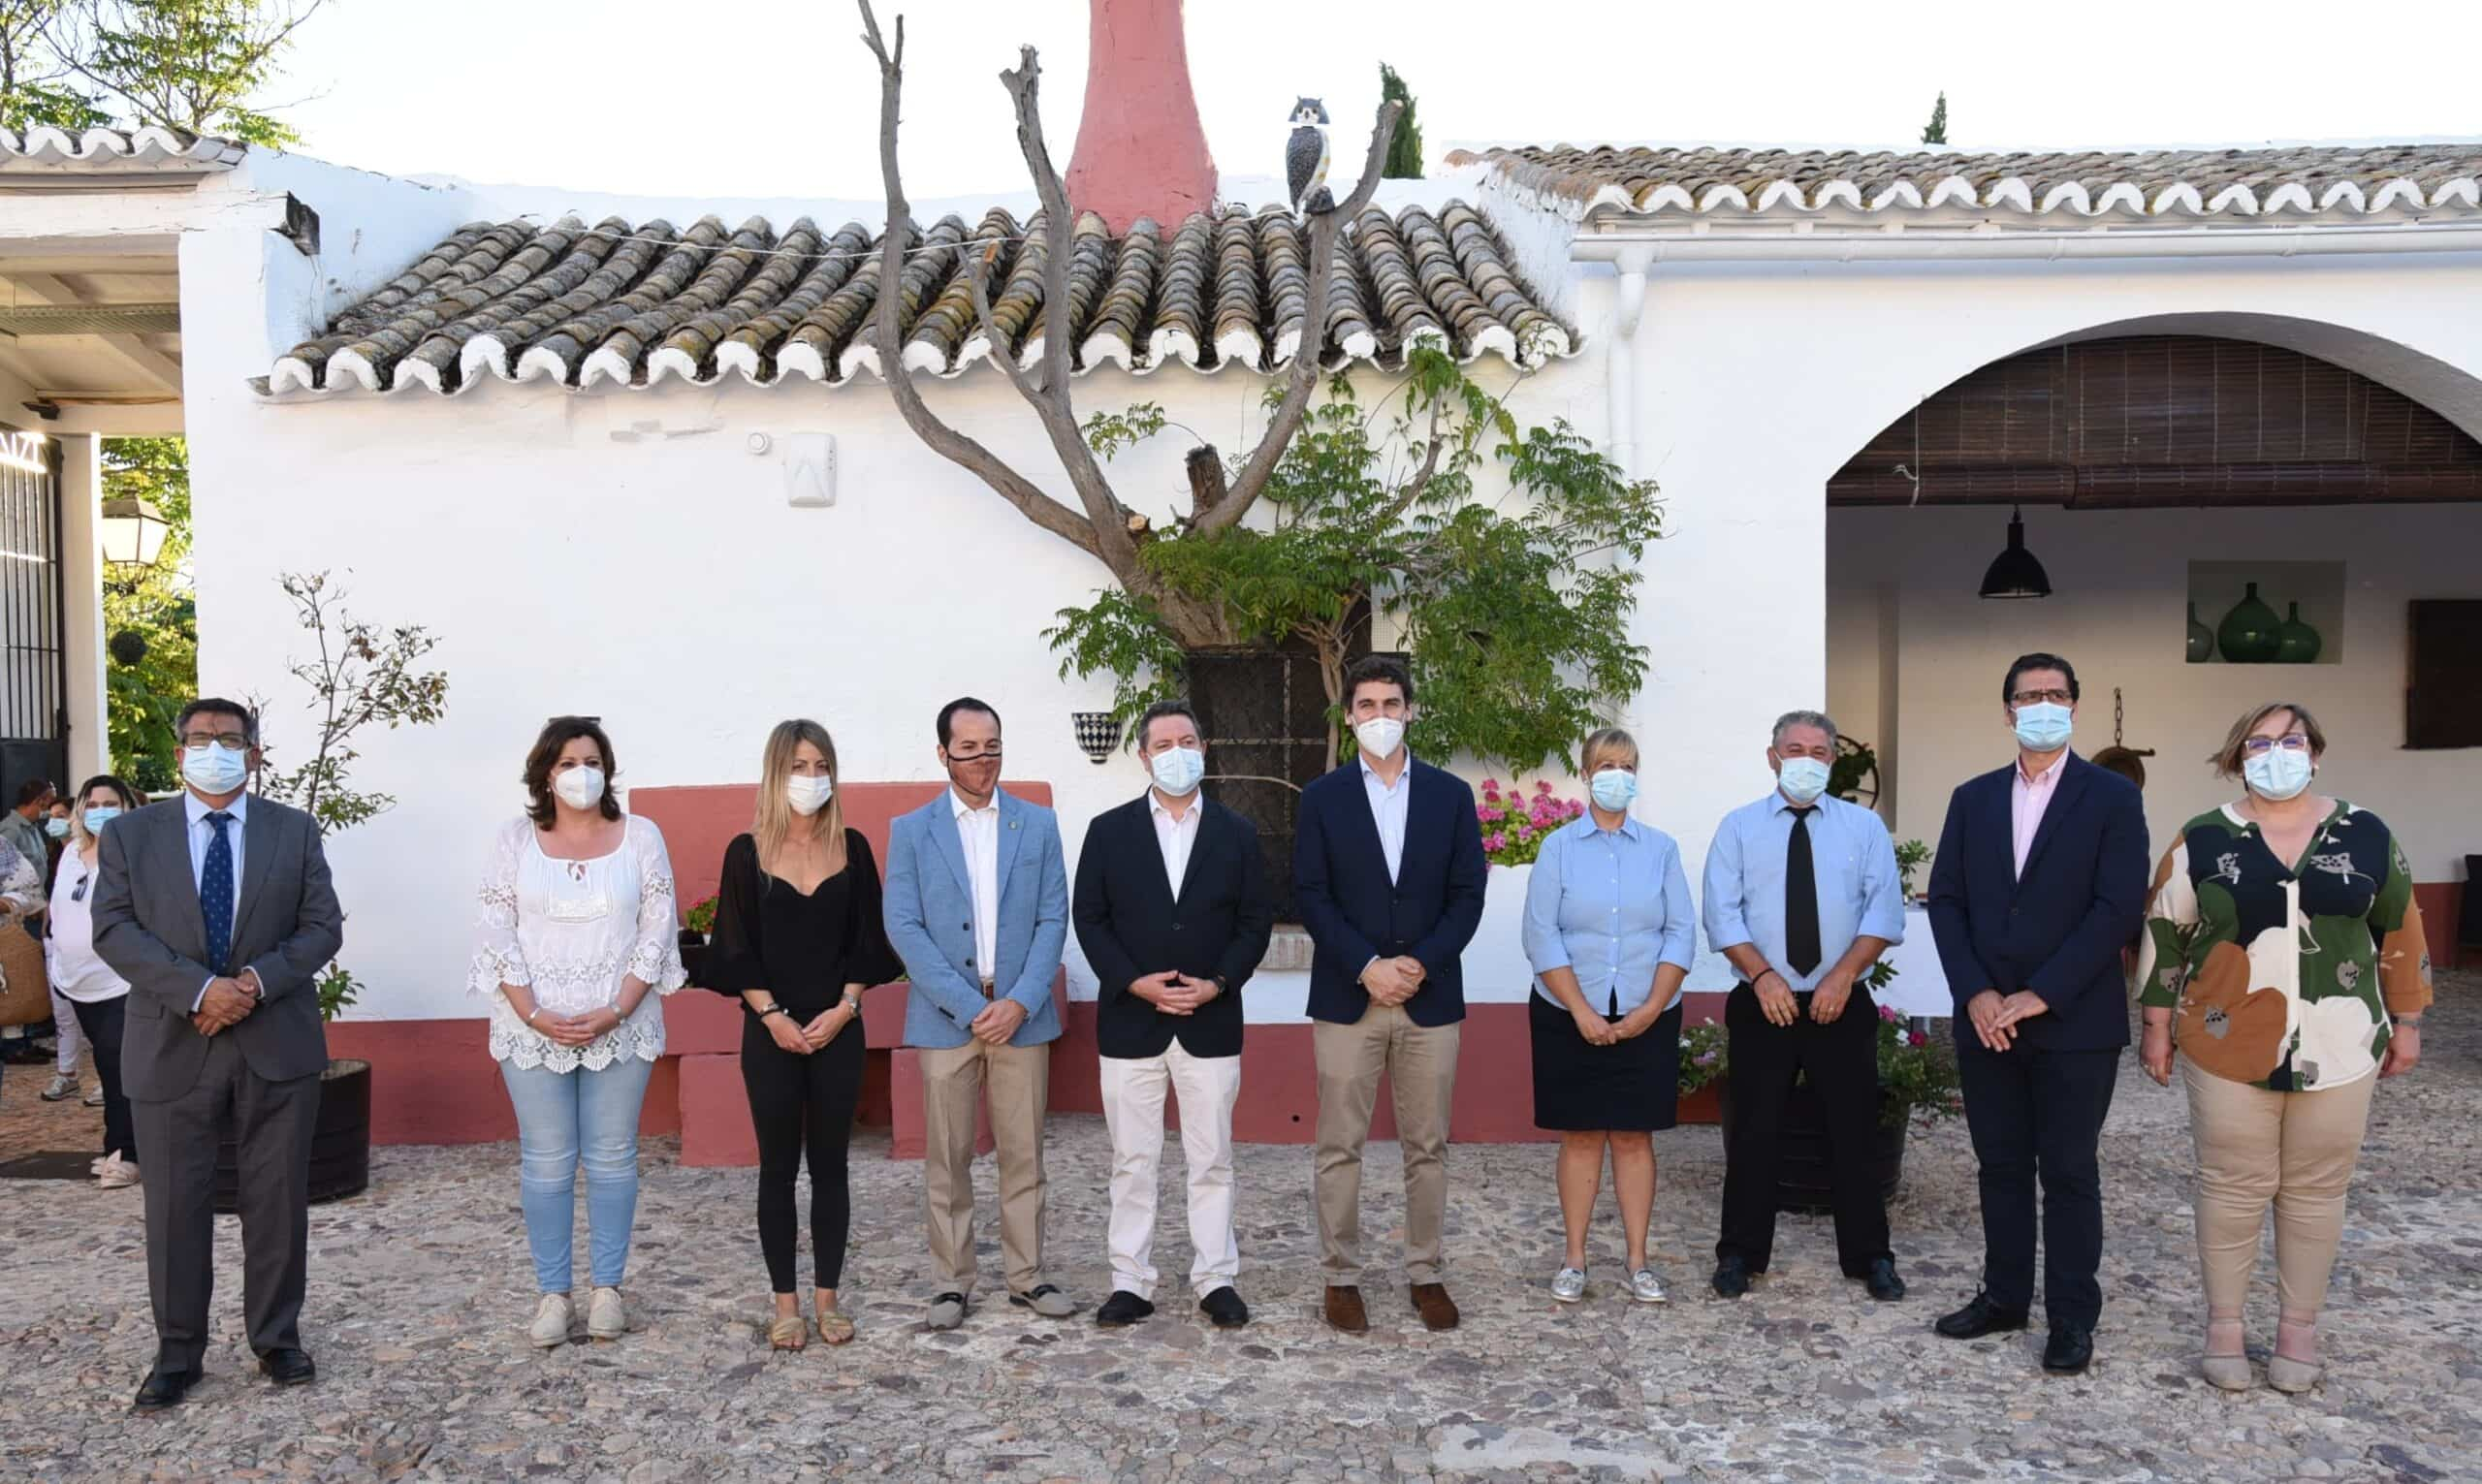 La nueva iluminación artística de los Molinos de Herencia incentivan su atractivo turístico 3